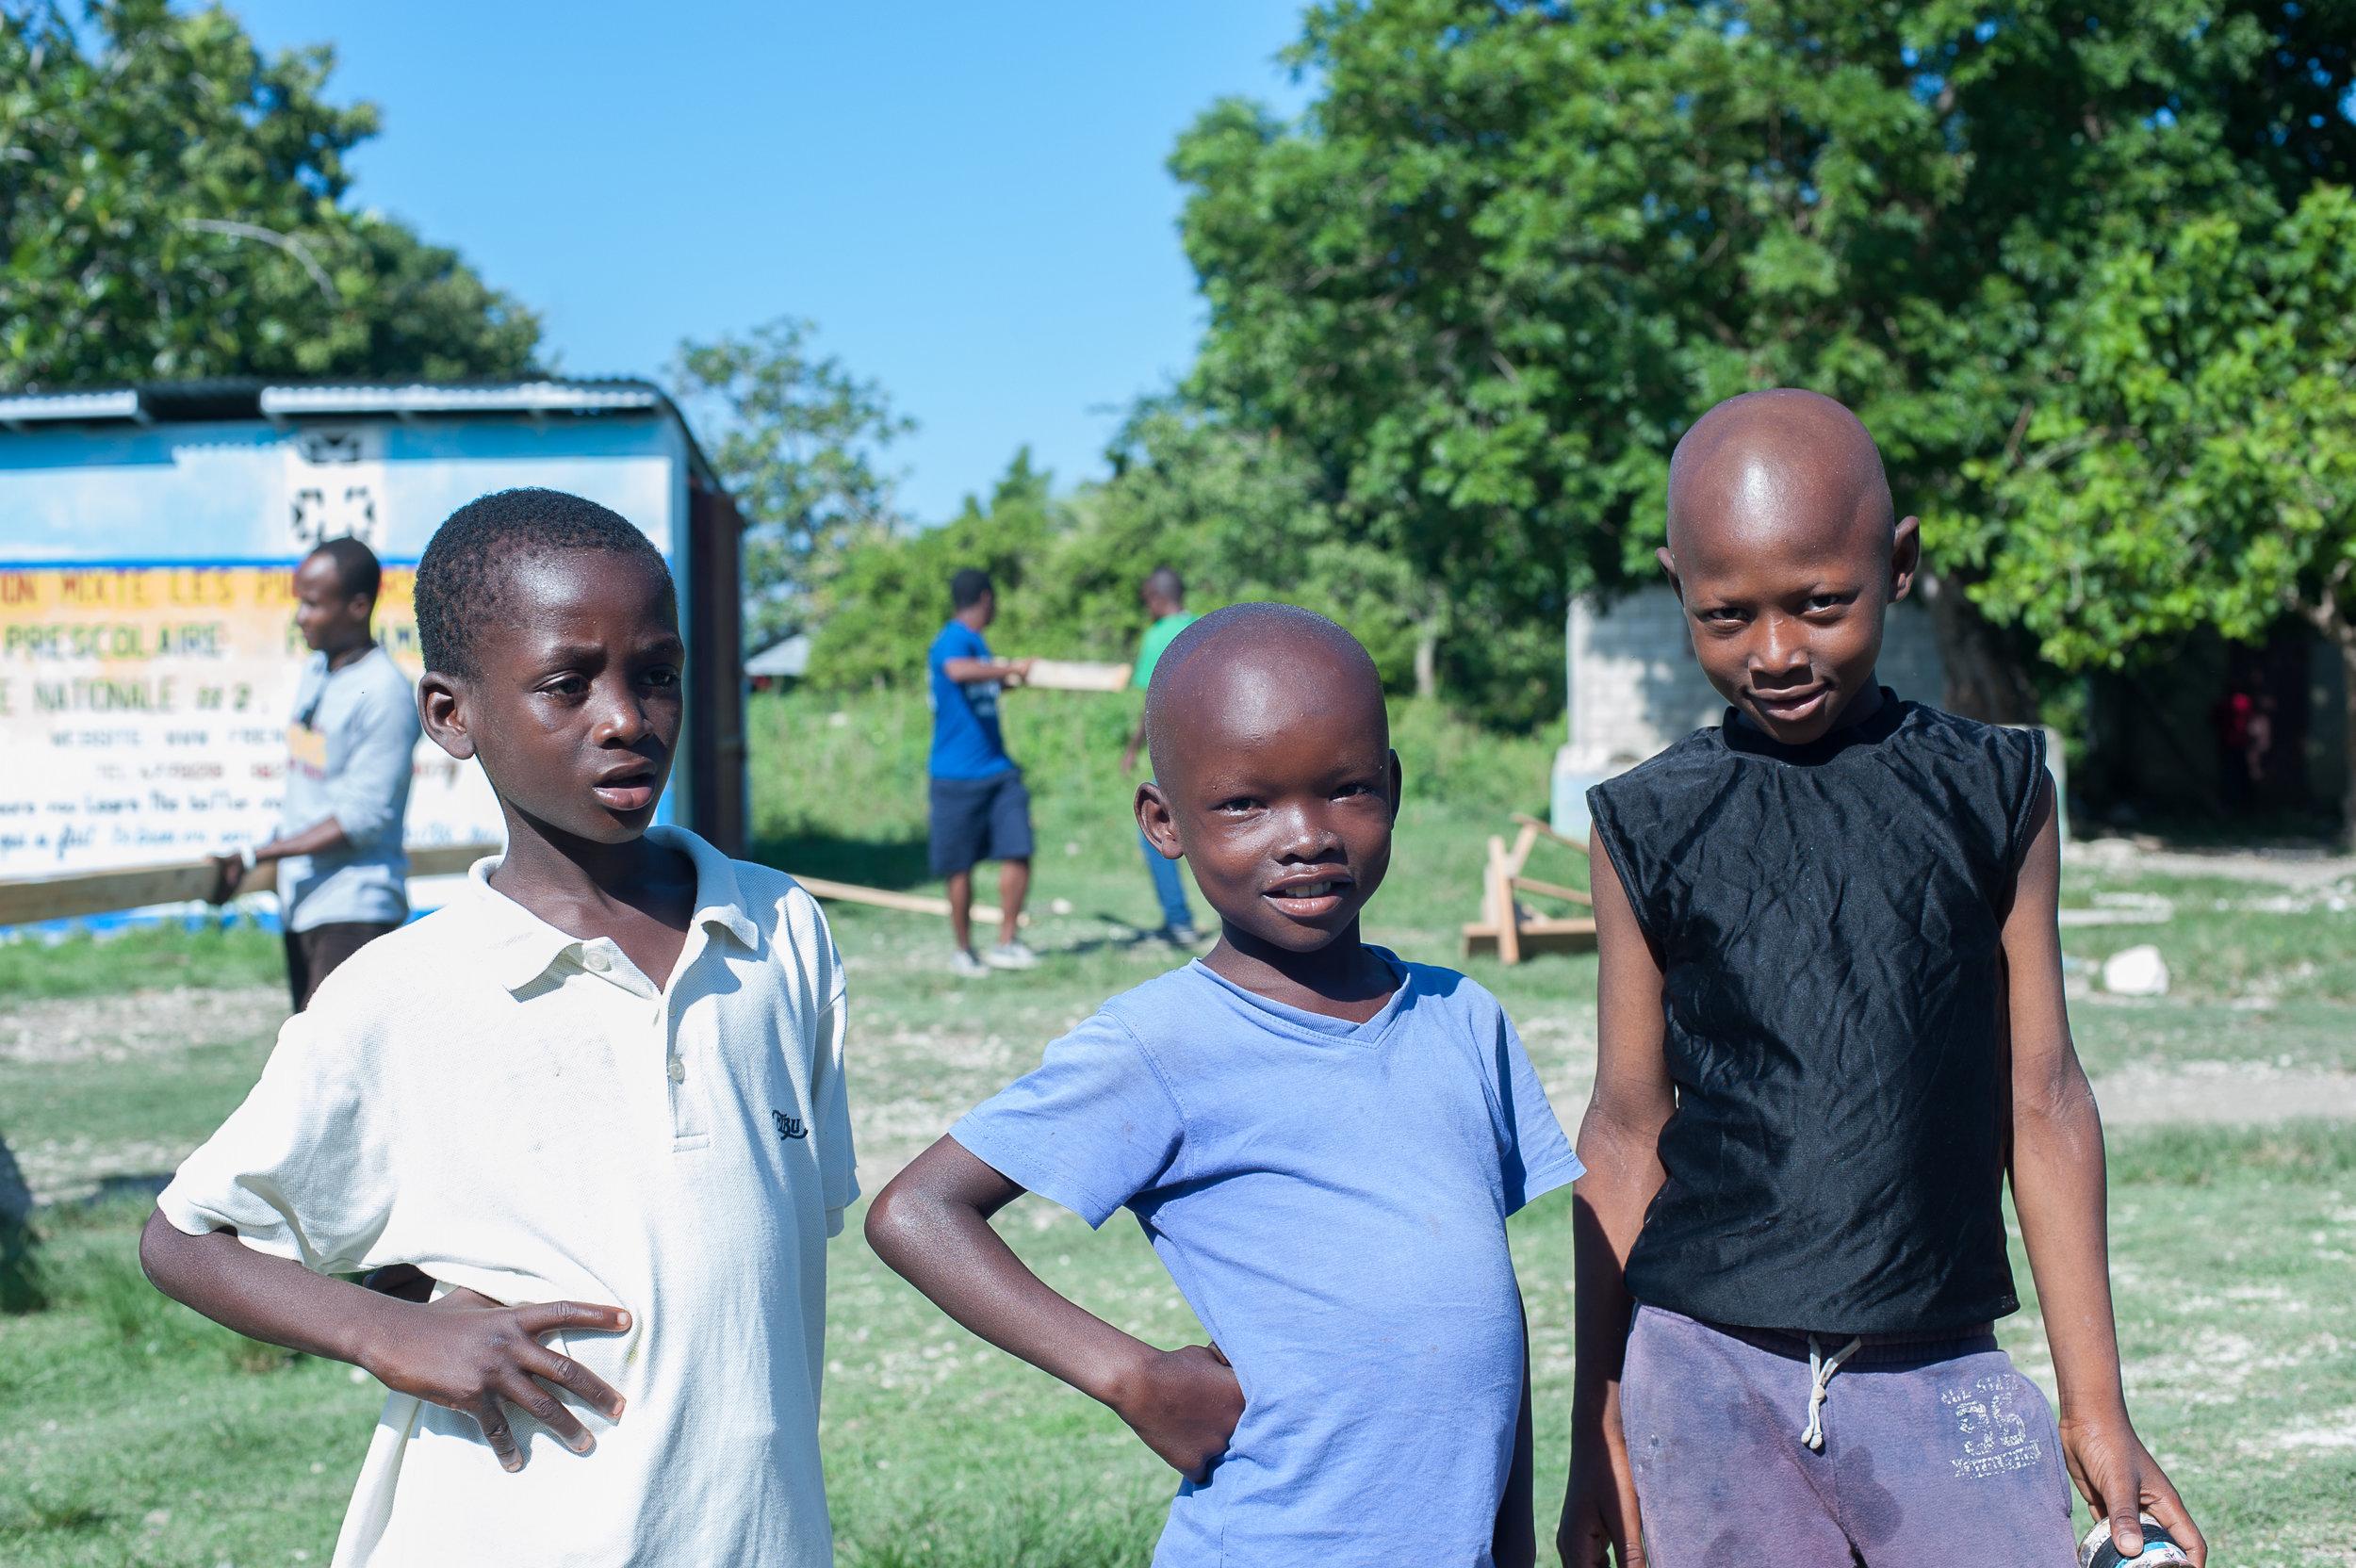 001-Haiti-2016.jpg